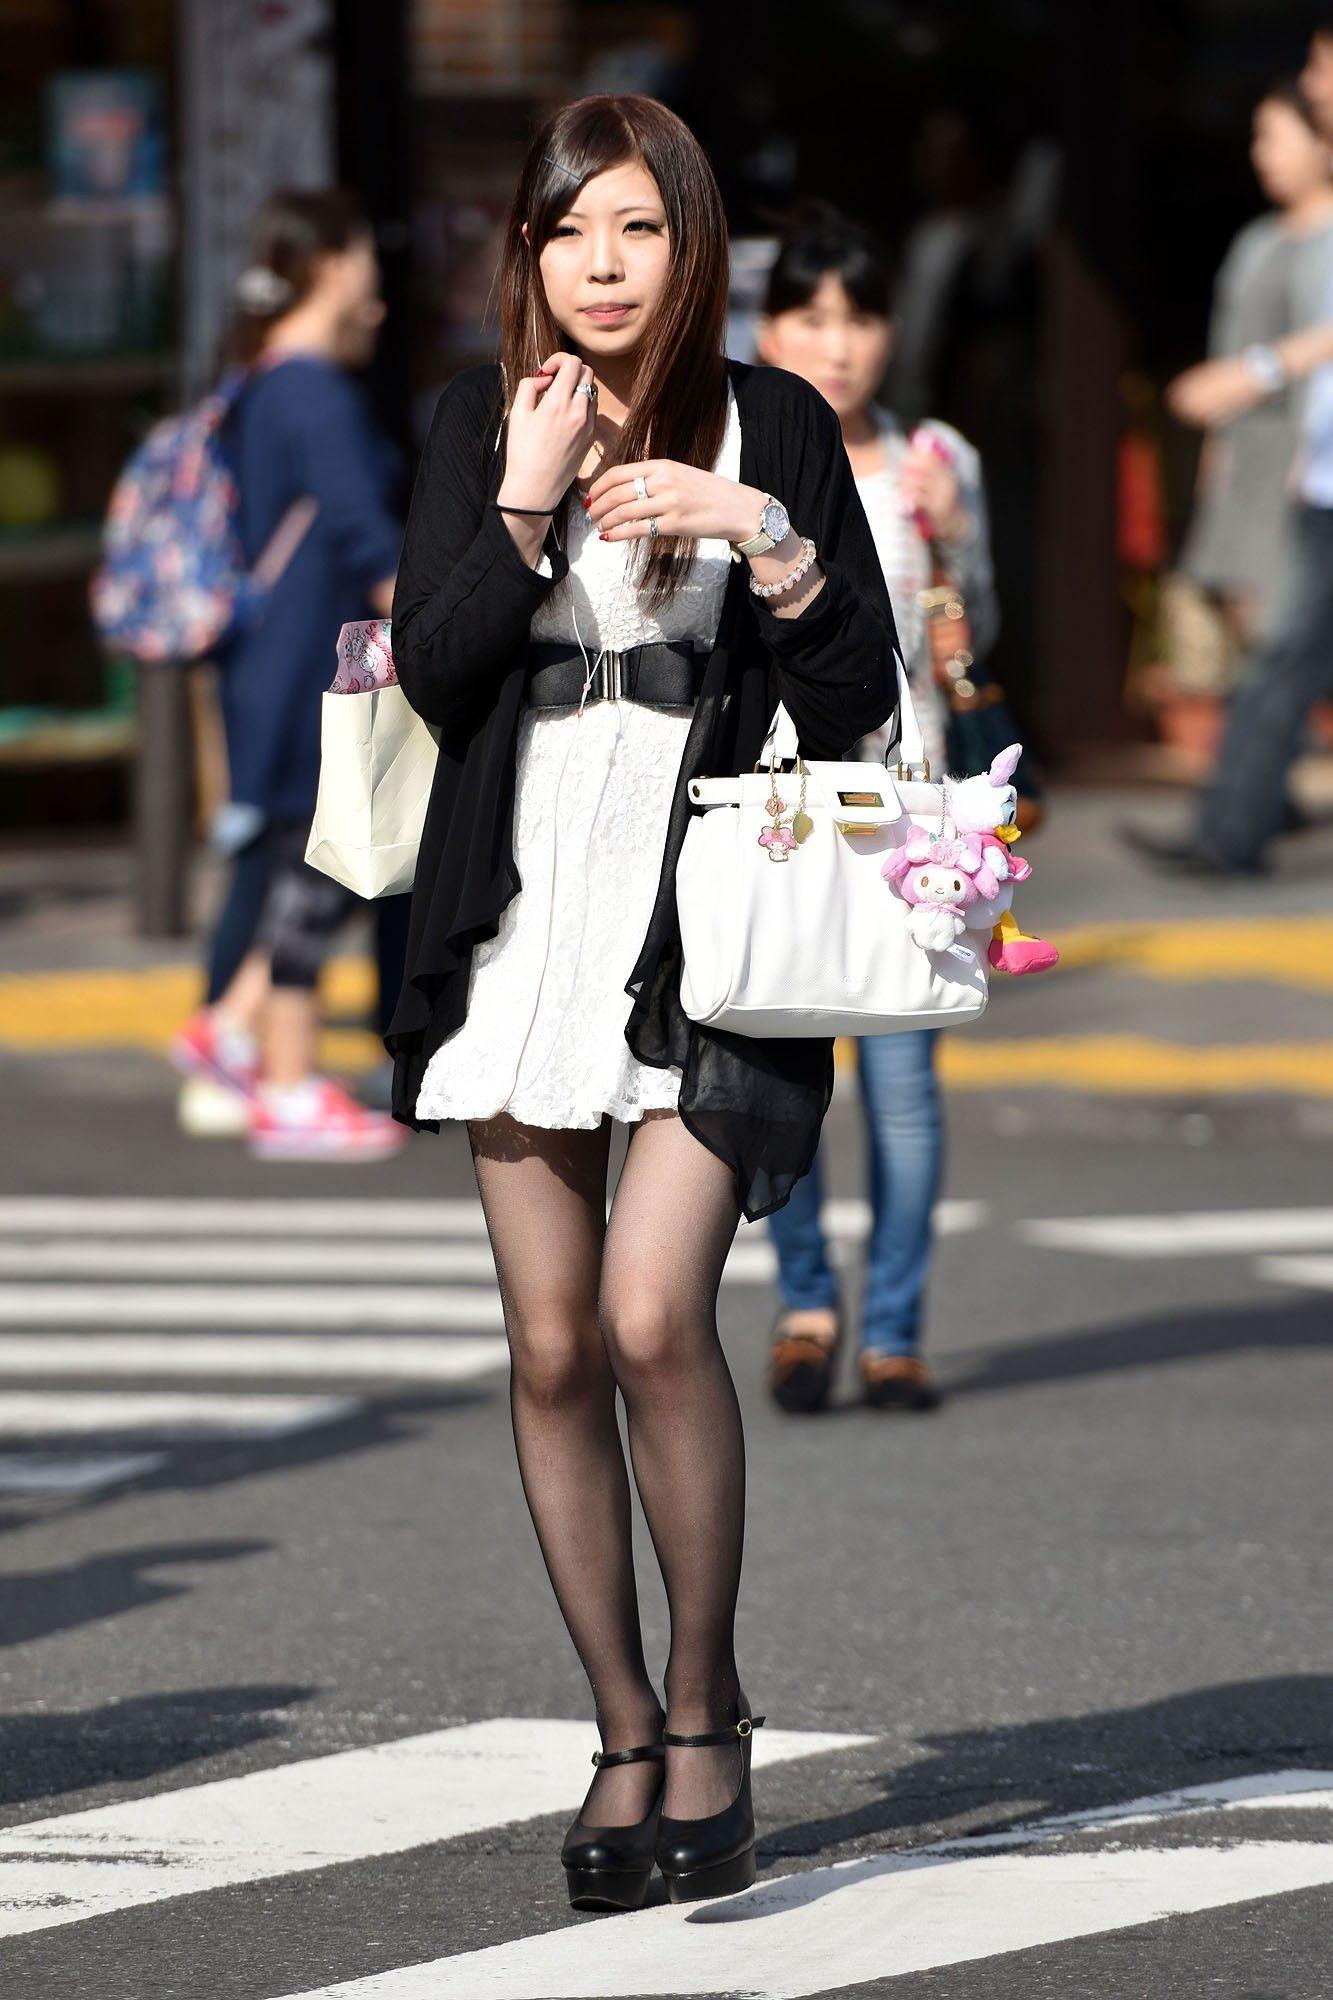 三次元 3次元 エロ画像 黒パンスト 街撮り 素人 美脚 べっぴん娘通信 04